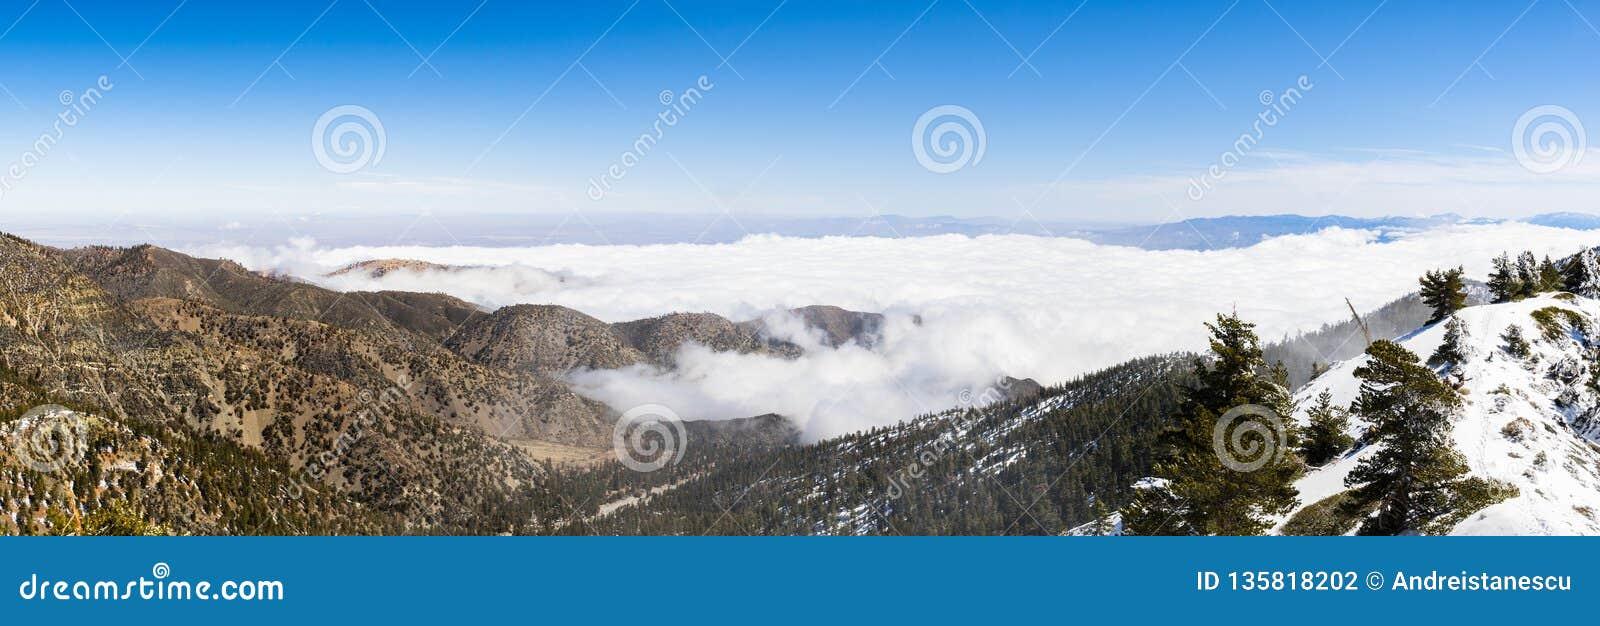 Sonniger Wintertag mit gefallenem Schnee und einem Meer von weißen Wolken auf der Spur zu Mt San Antonio (Mt Baldy), Los Angeles